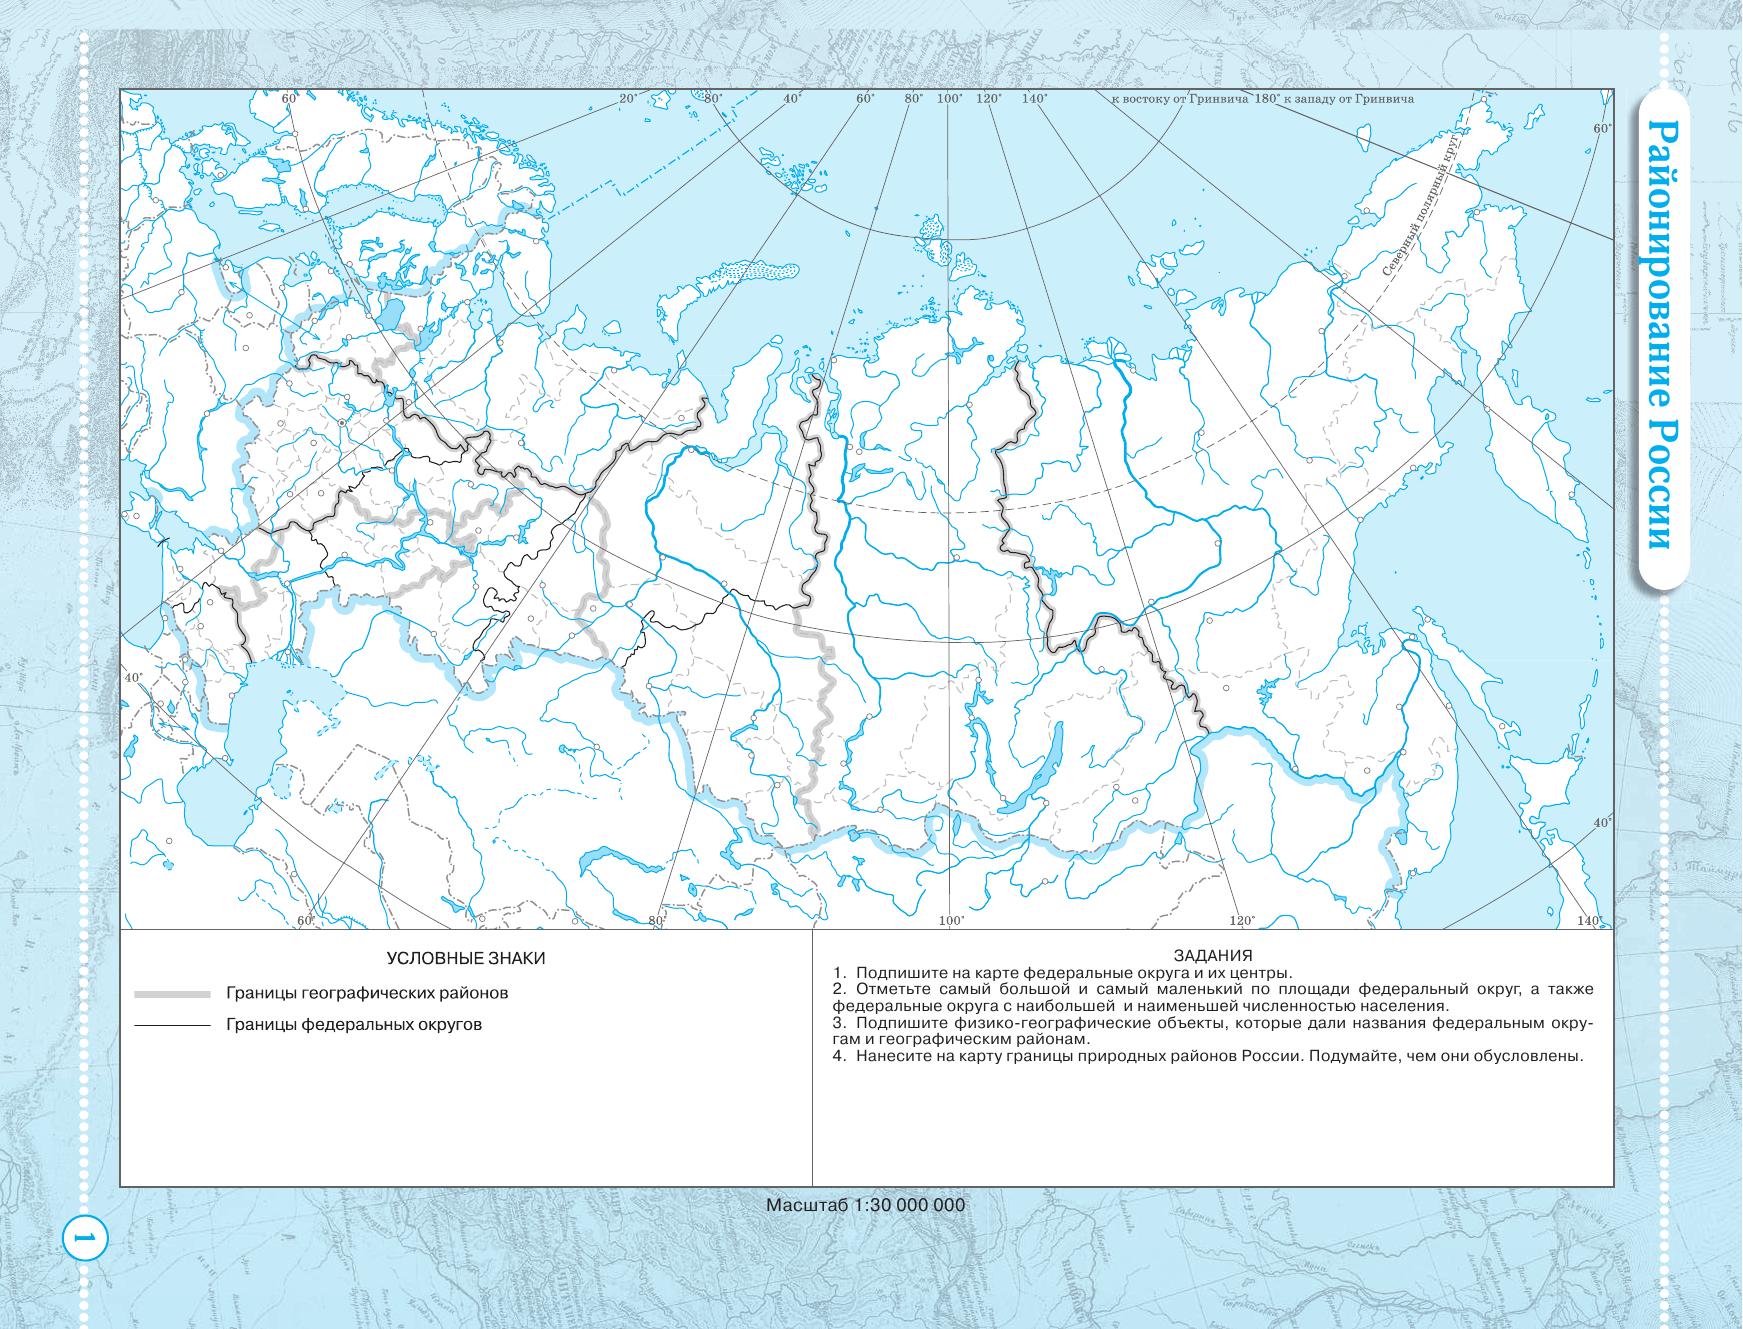 гдз атлас по географии 9 класс контурные карты